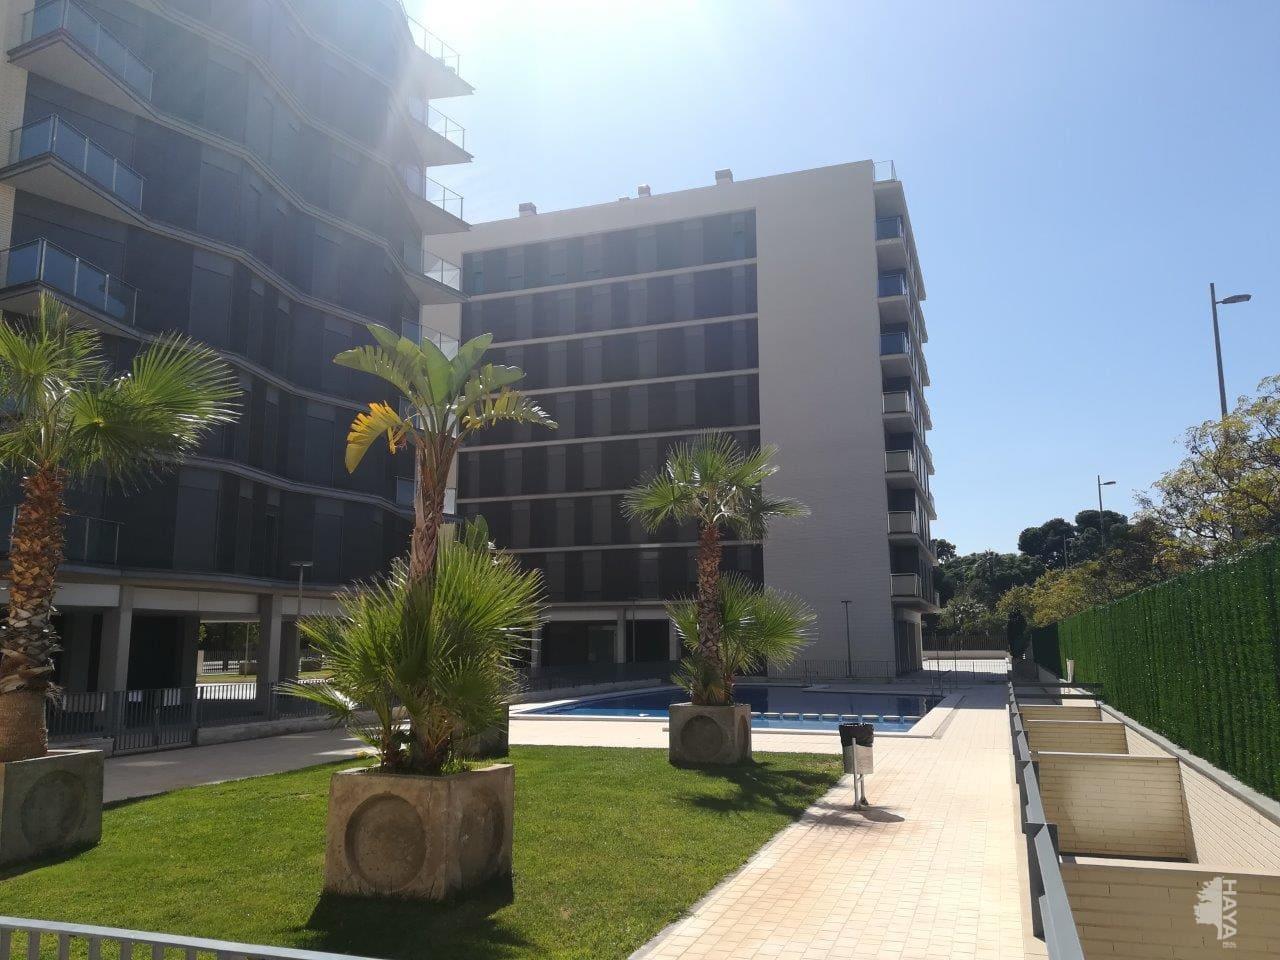 Piso en venta en Grupo Santiago, Castellón de la Plana/castelló de la Plana, Castellón, Calle la Safor, 124.950 €, 2 habitaciones, 2 baños, 122 m2